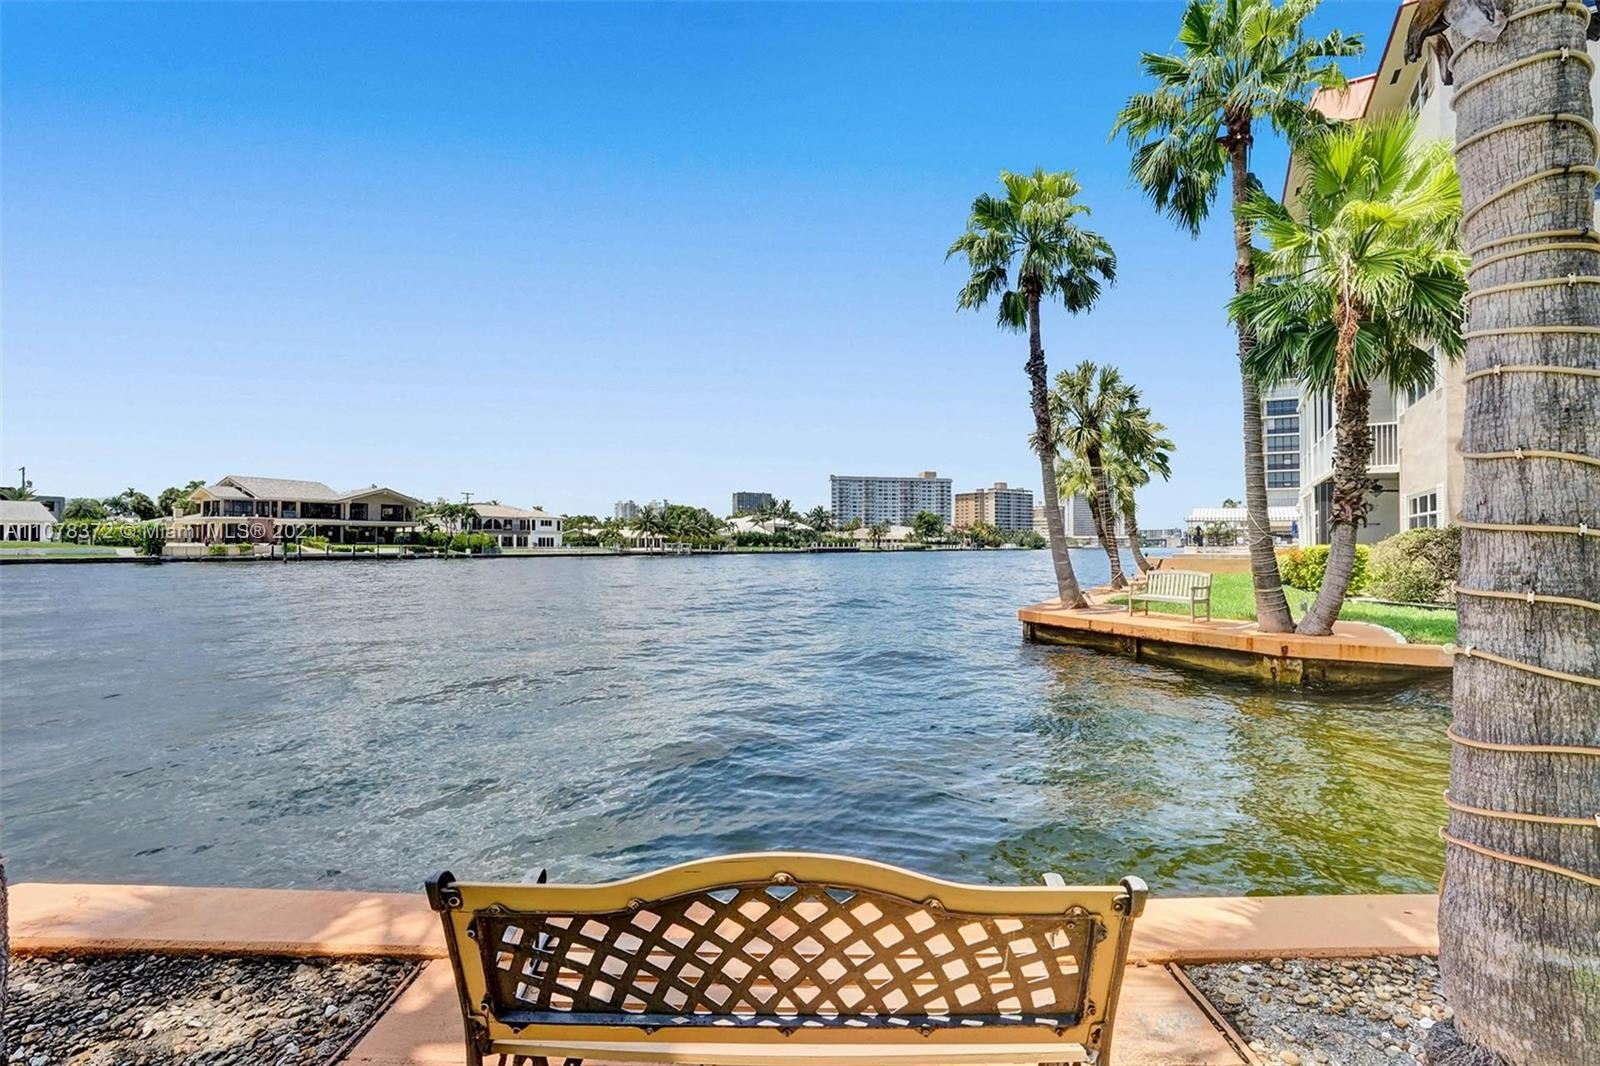 Photo for 2097 S Ocean Dr #405, Hallandale Beach, FL 33009 (MLS # A11078372)